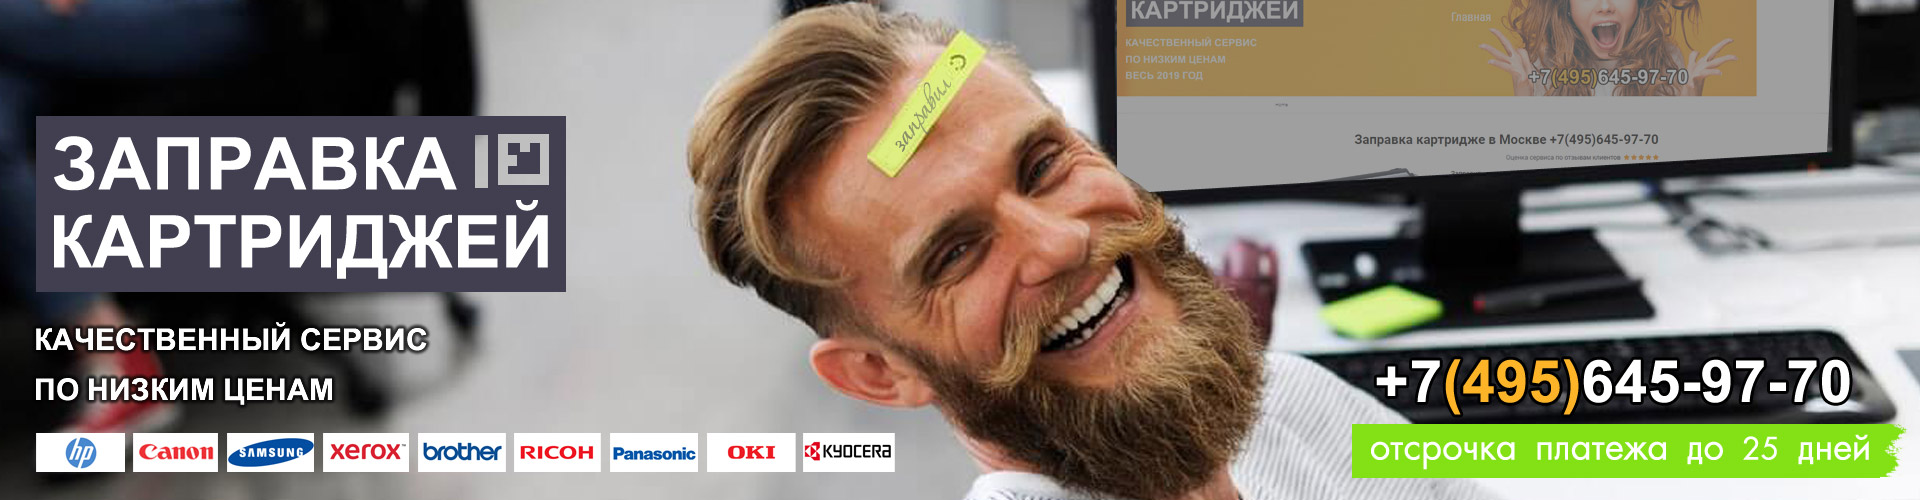 заправка картриджей в Москве